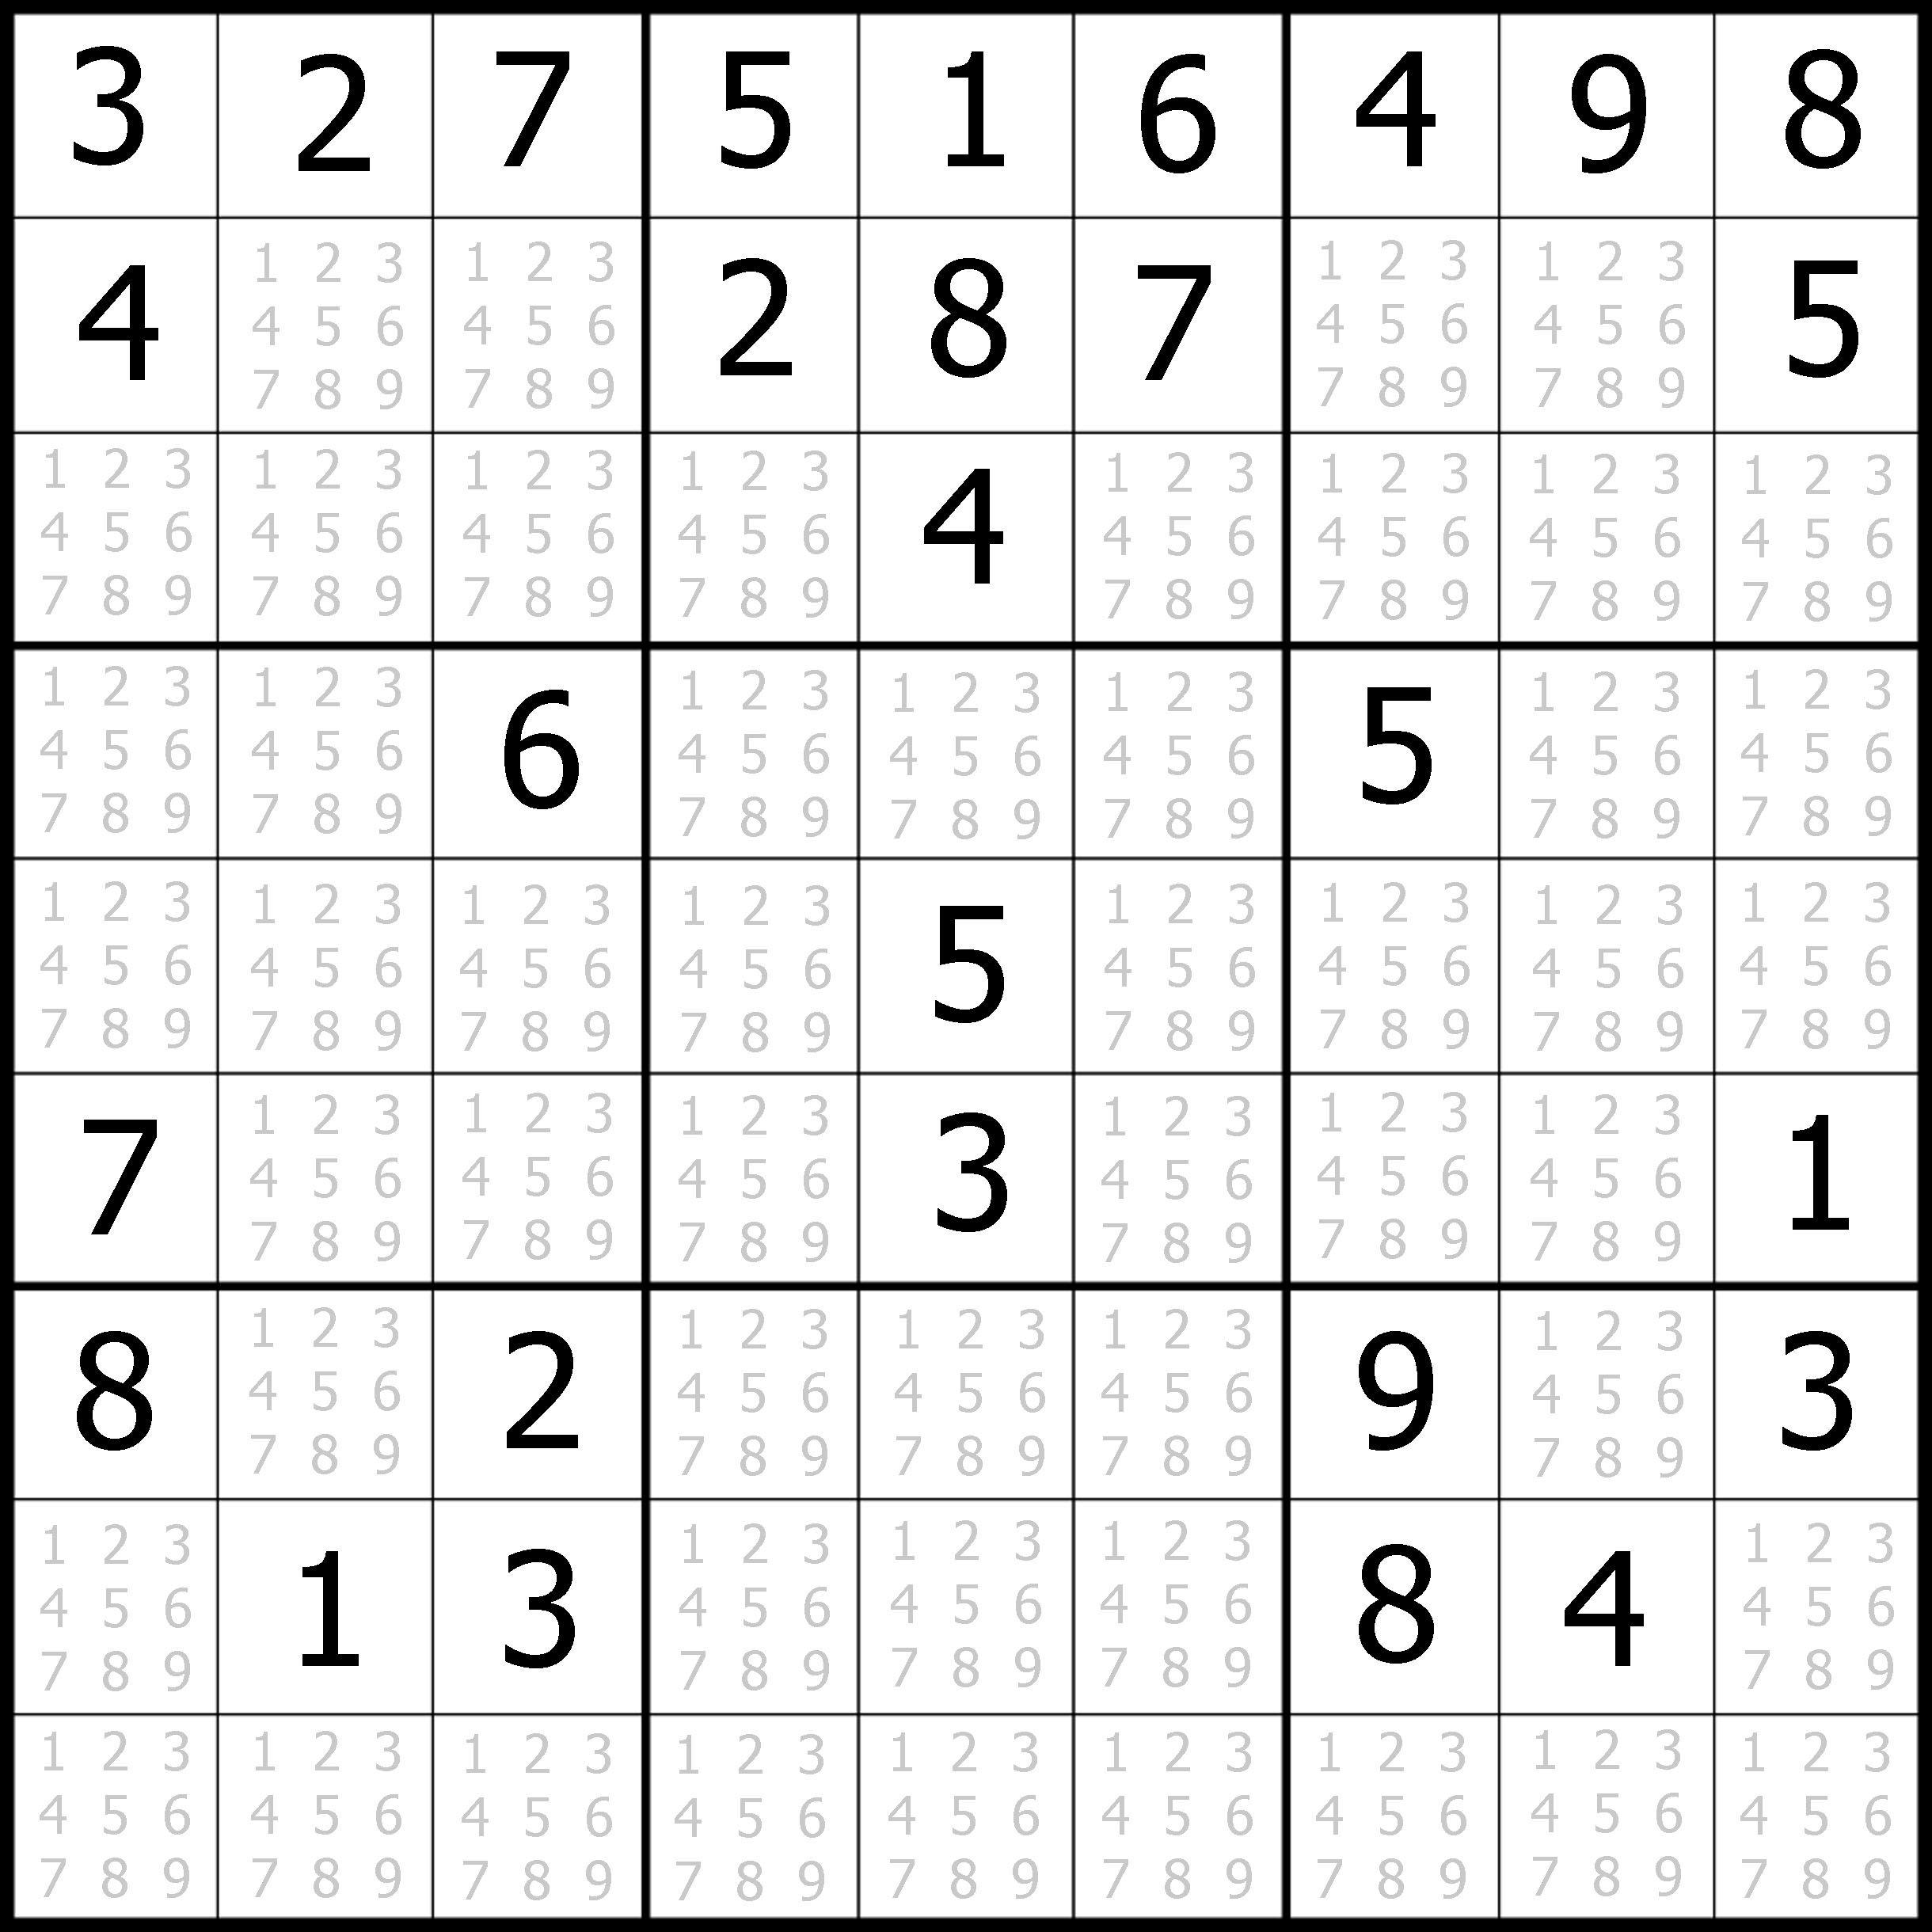 Sudoku Printable | Free, Medium, Printable Sudoku Puzzle #1 | My - Printable Sudoku Puzzles Very Hard